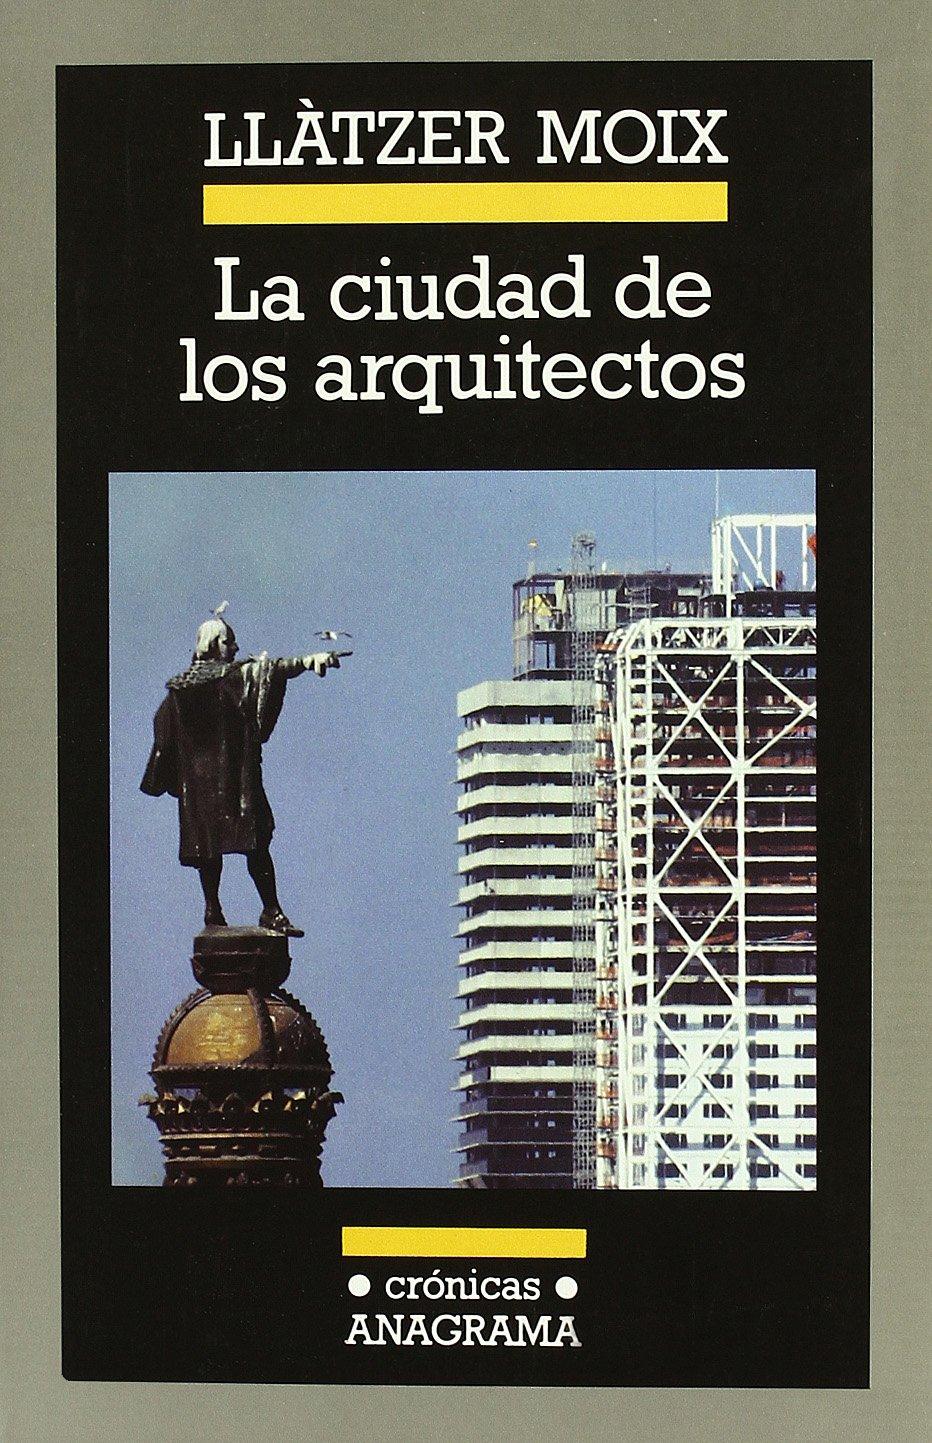 La ciudad de los arquitectos (Crónicas) Tapa dura – 1 mar 2002 Llàtzer Moix Editorial Anagrama S.A. 843392530X CDL_2-3_0000066